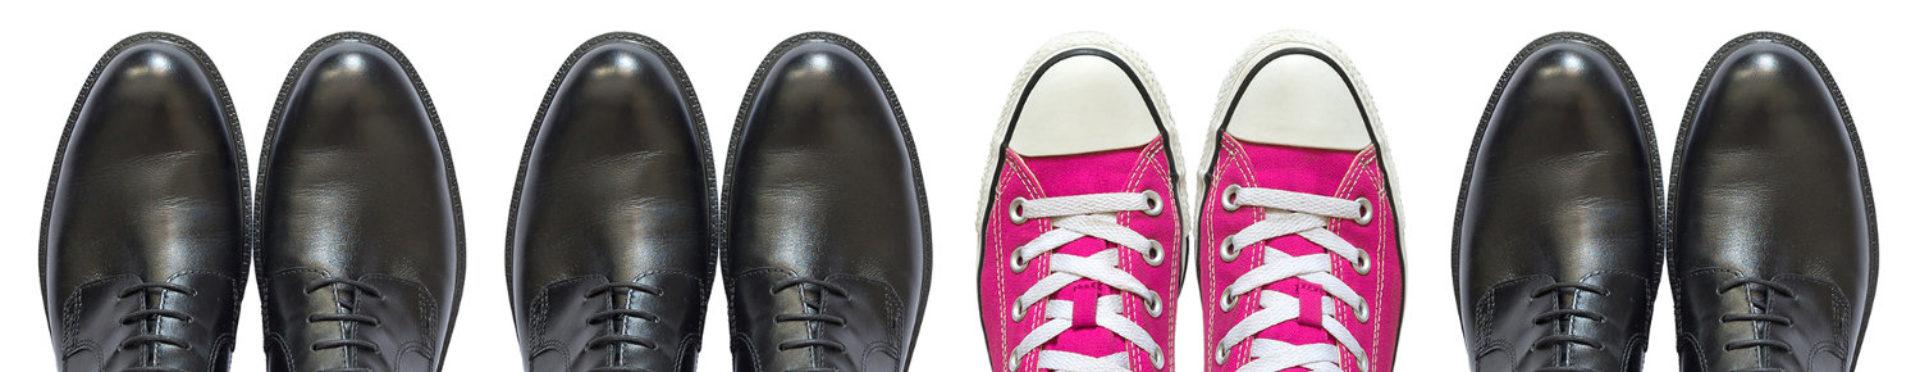 Consultants Düsseldorf schoenen - Rene Verkaart)